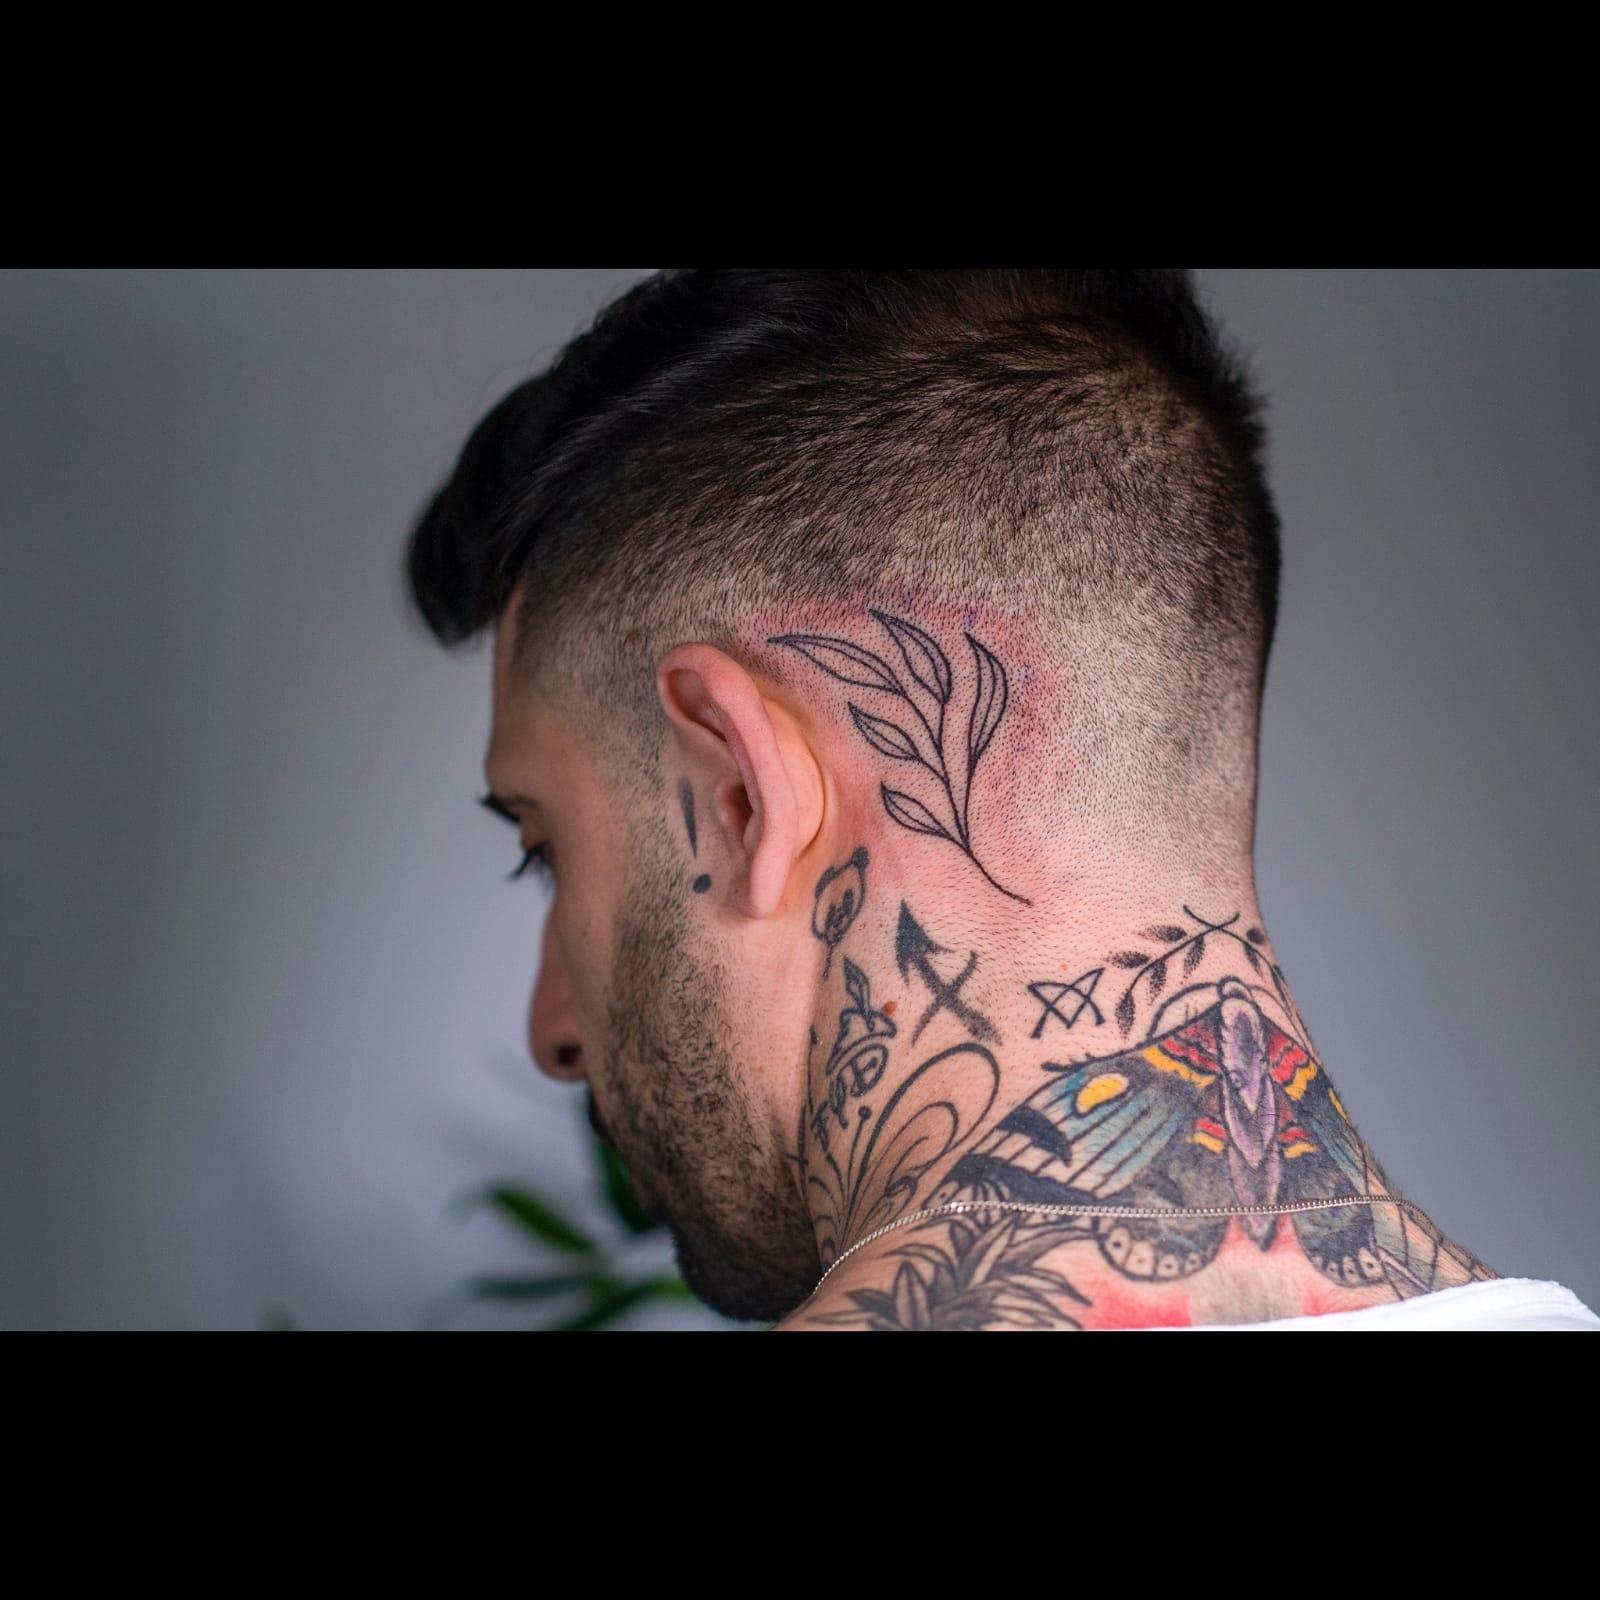 קעקוע ראש| עורף | עלים | מאחורי האוזן | ענף | קעקועים בשרון |